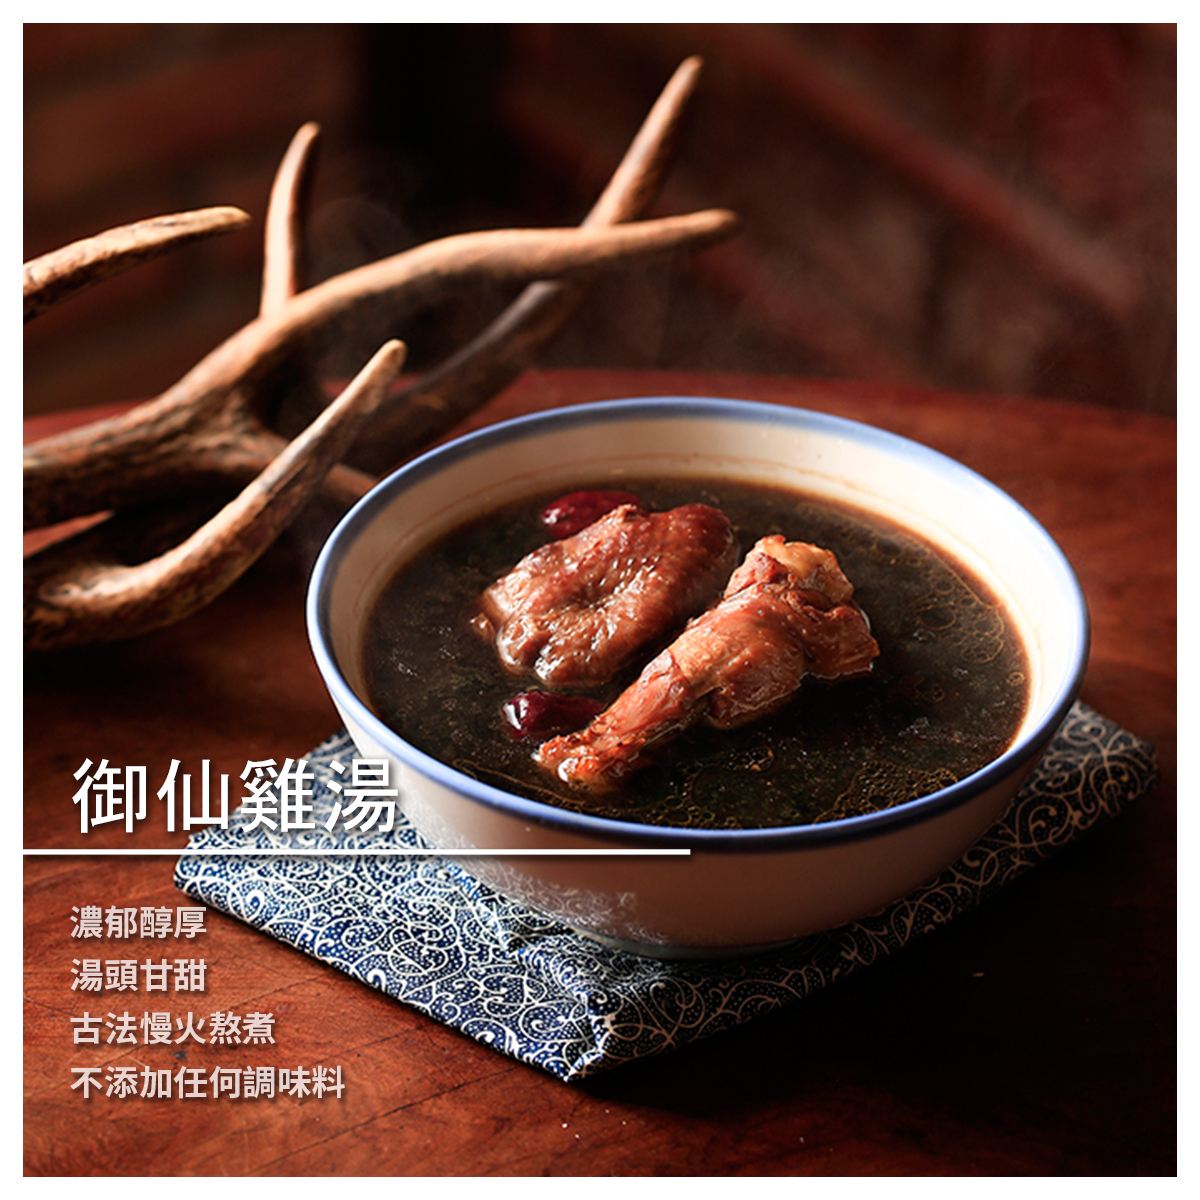 【御仙雞湯館】御仙雞湯/550g